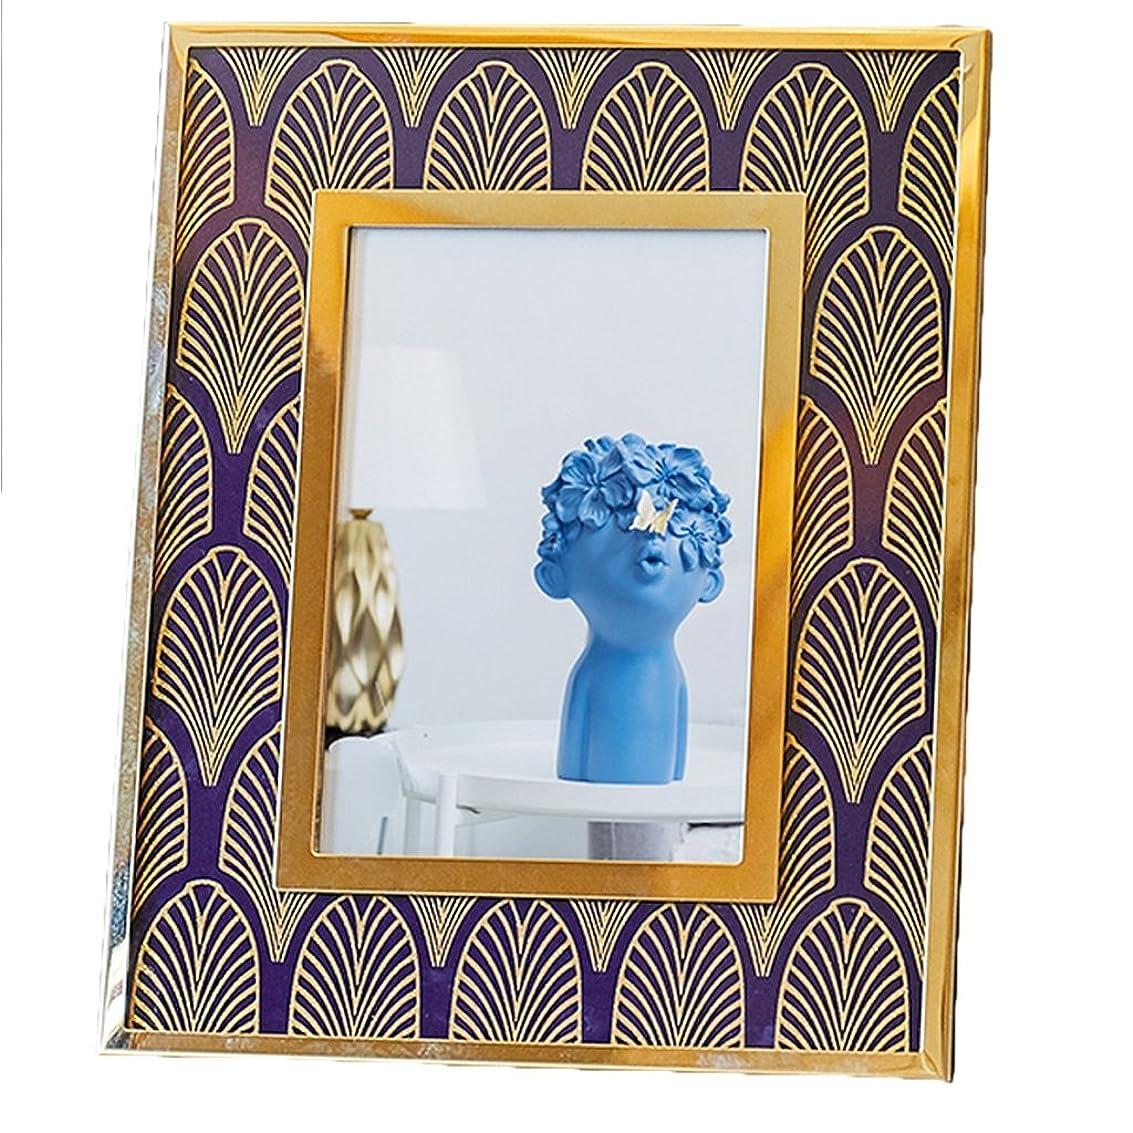 温かいケイ素観客GWM 6インチ7インチフレームメタルクリエイティブクラフトヨーロッパの装飾品ホームアクセサリー装飾品